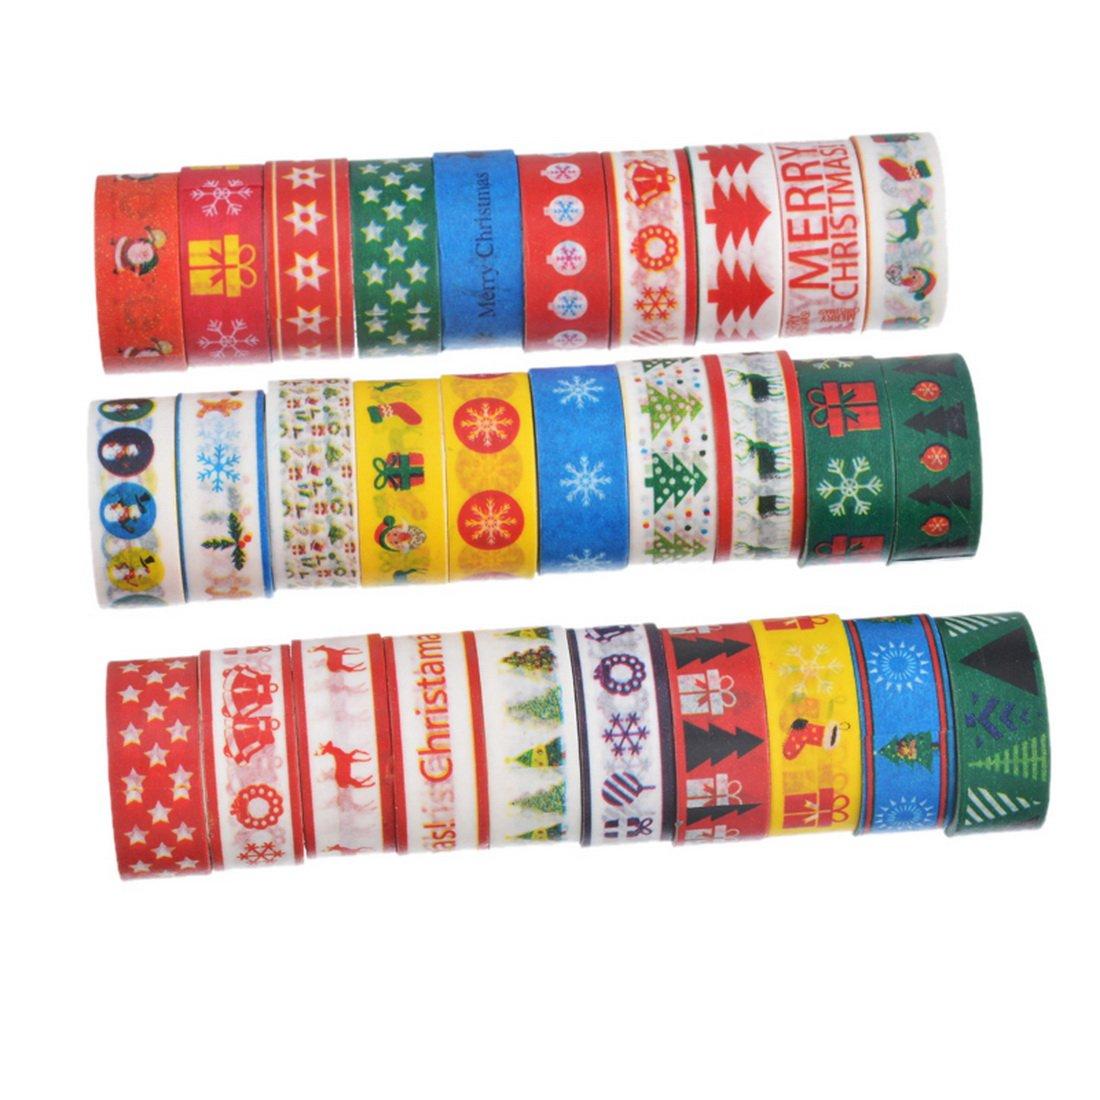 Souarts Style Noël Ruban Adhésif d'emballage Décoratif en Papier Couleur Aleatoire 15mm 5 Rouleaux Hellocrafts